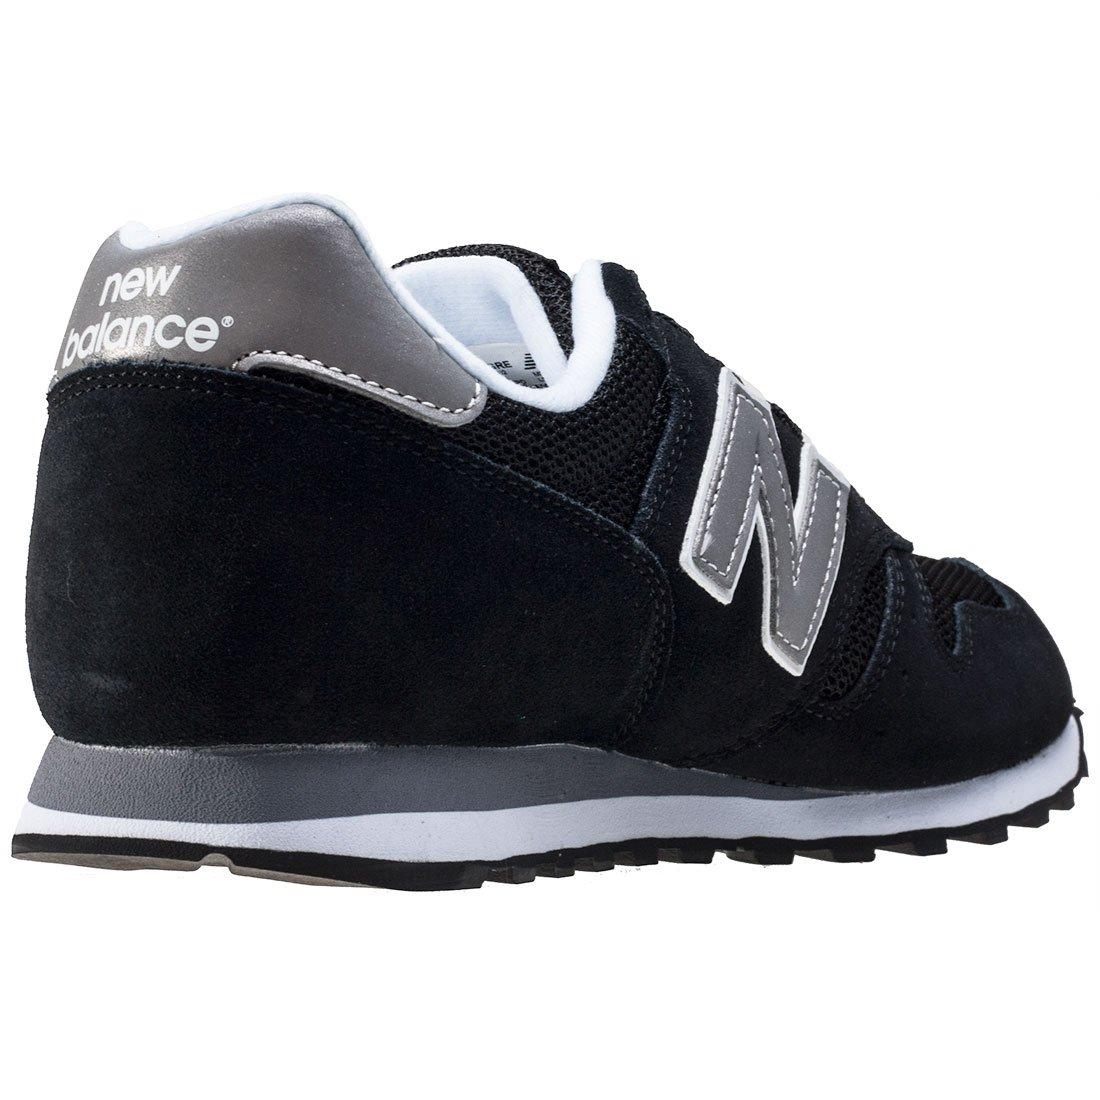 Balance Hombre Noir New Zapatillas Ml373 10653 Para FRx8ZdW